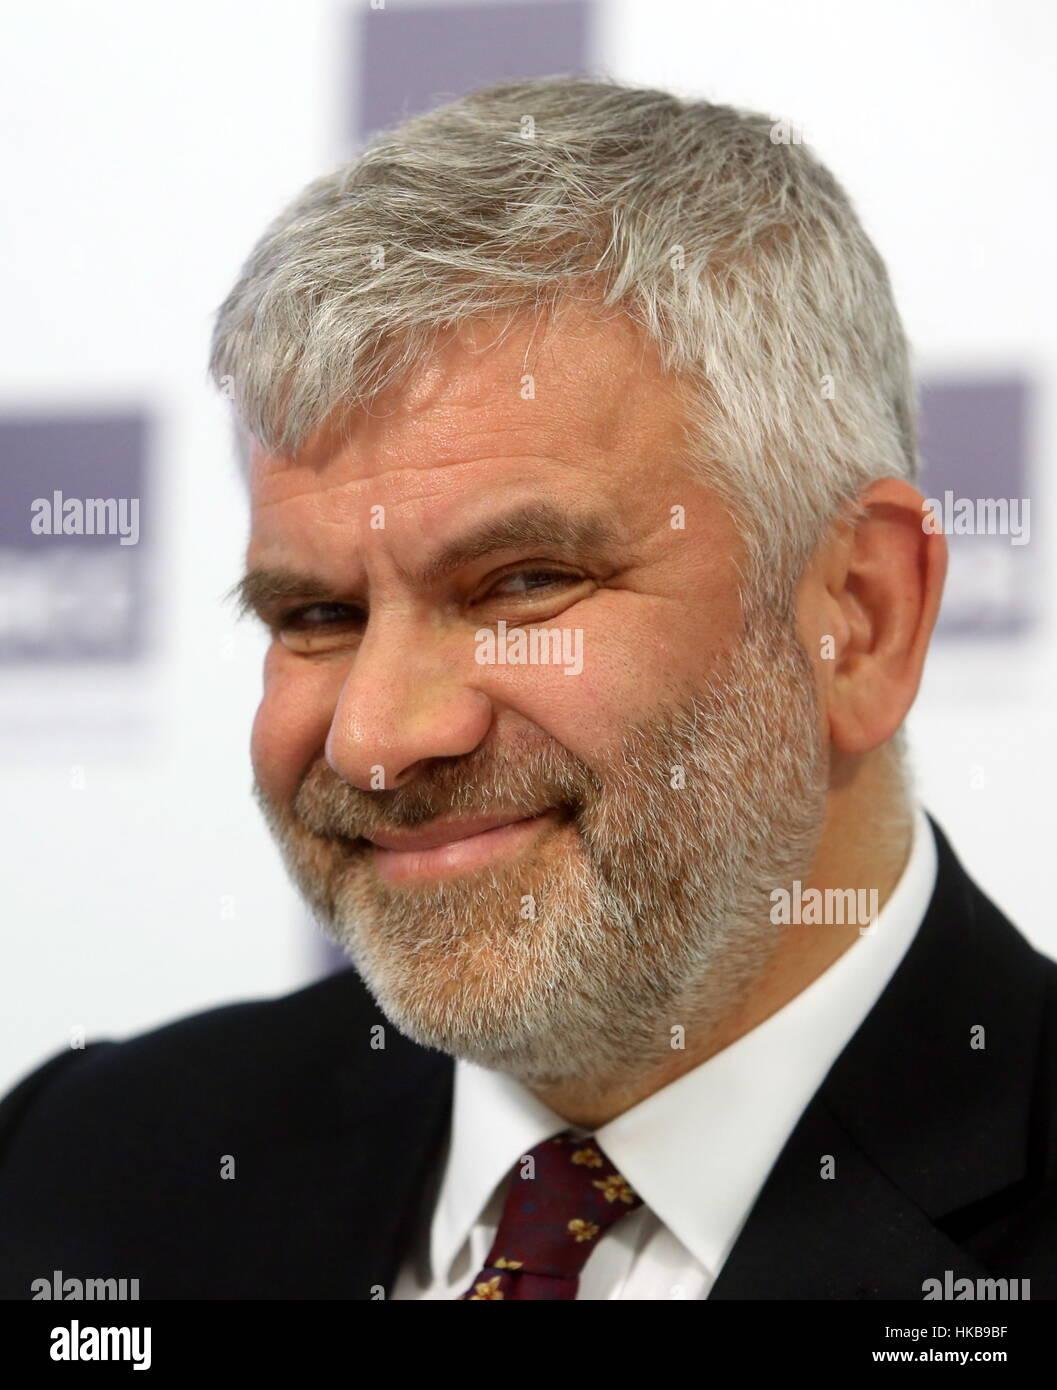 Moscú, Rusia. 27 ene, 2017. Michael Bird, director del British Council en Rusia, en una conferencia de prensa en Foto de stock